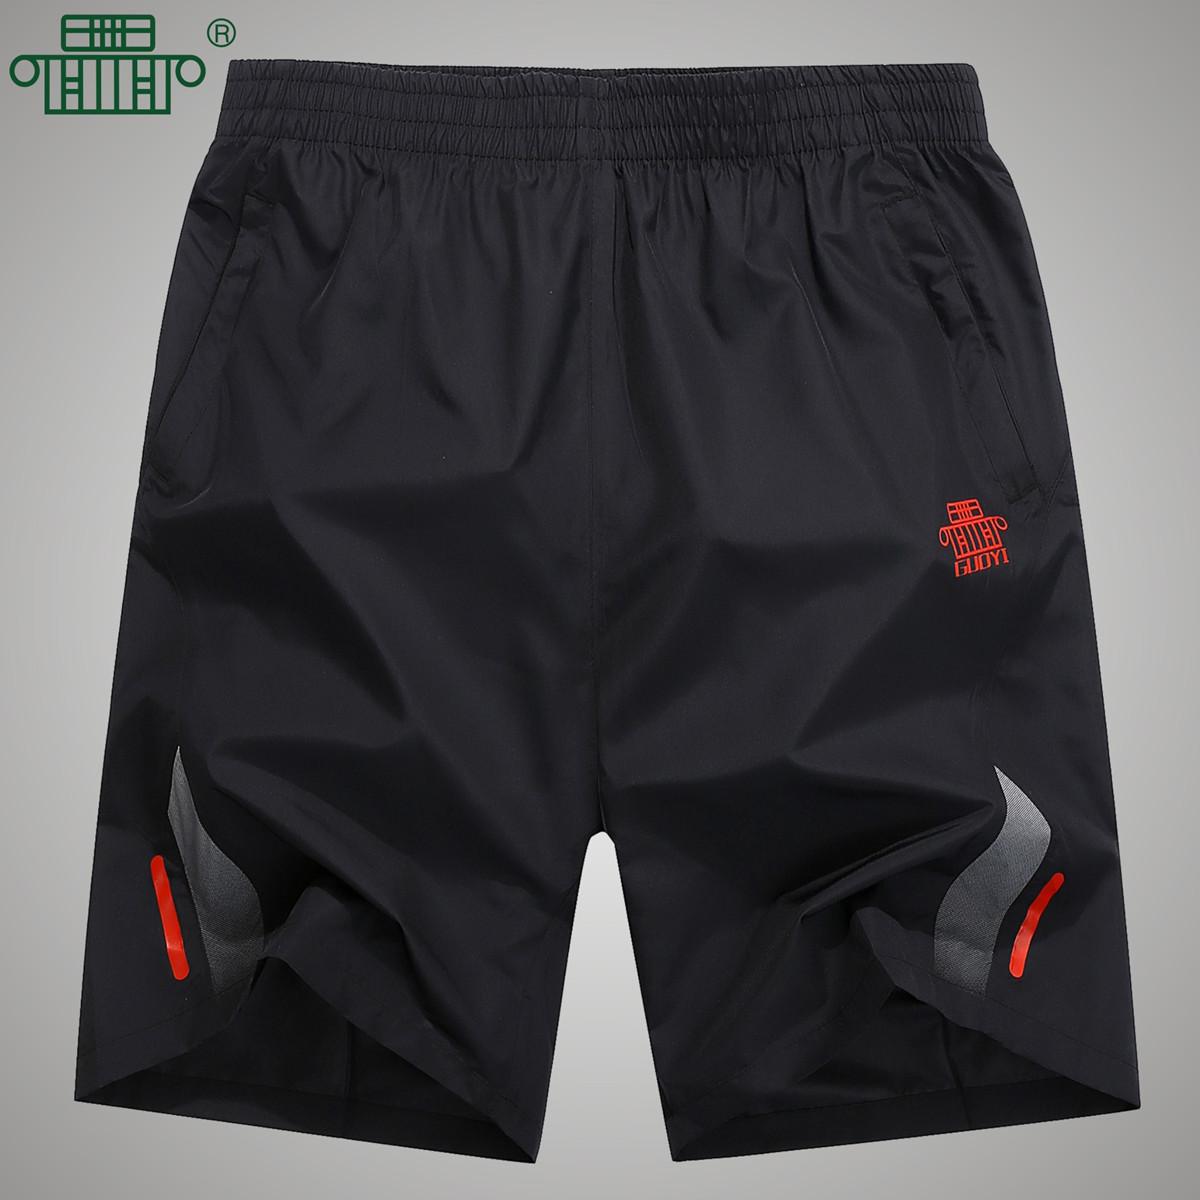 Движение шорты мужчина бег фитнес спортивные брюки кондиционер быстросохнущие шорты свободные большой размеров пять минут штаны обучение брюки